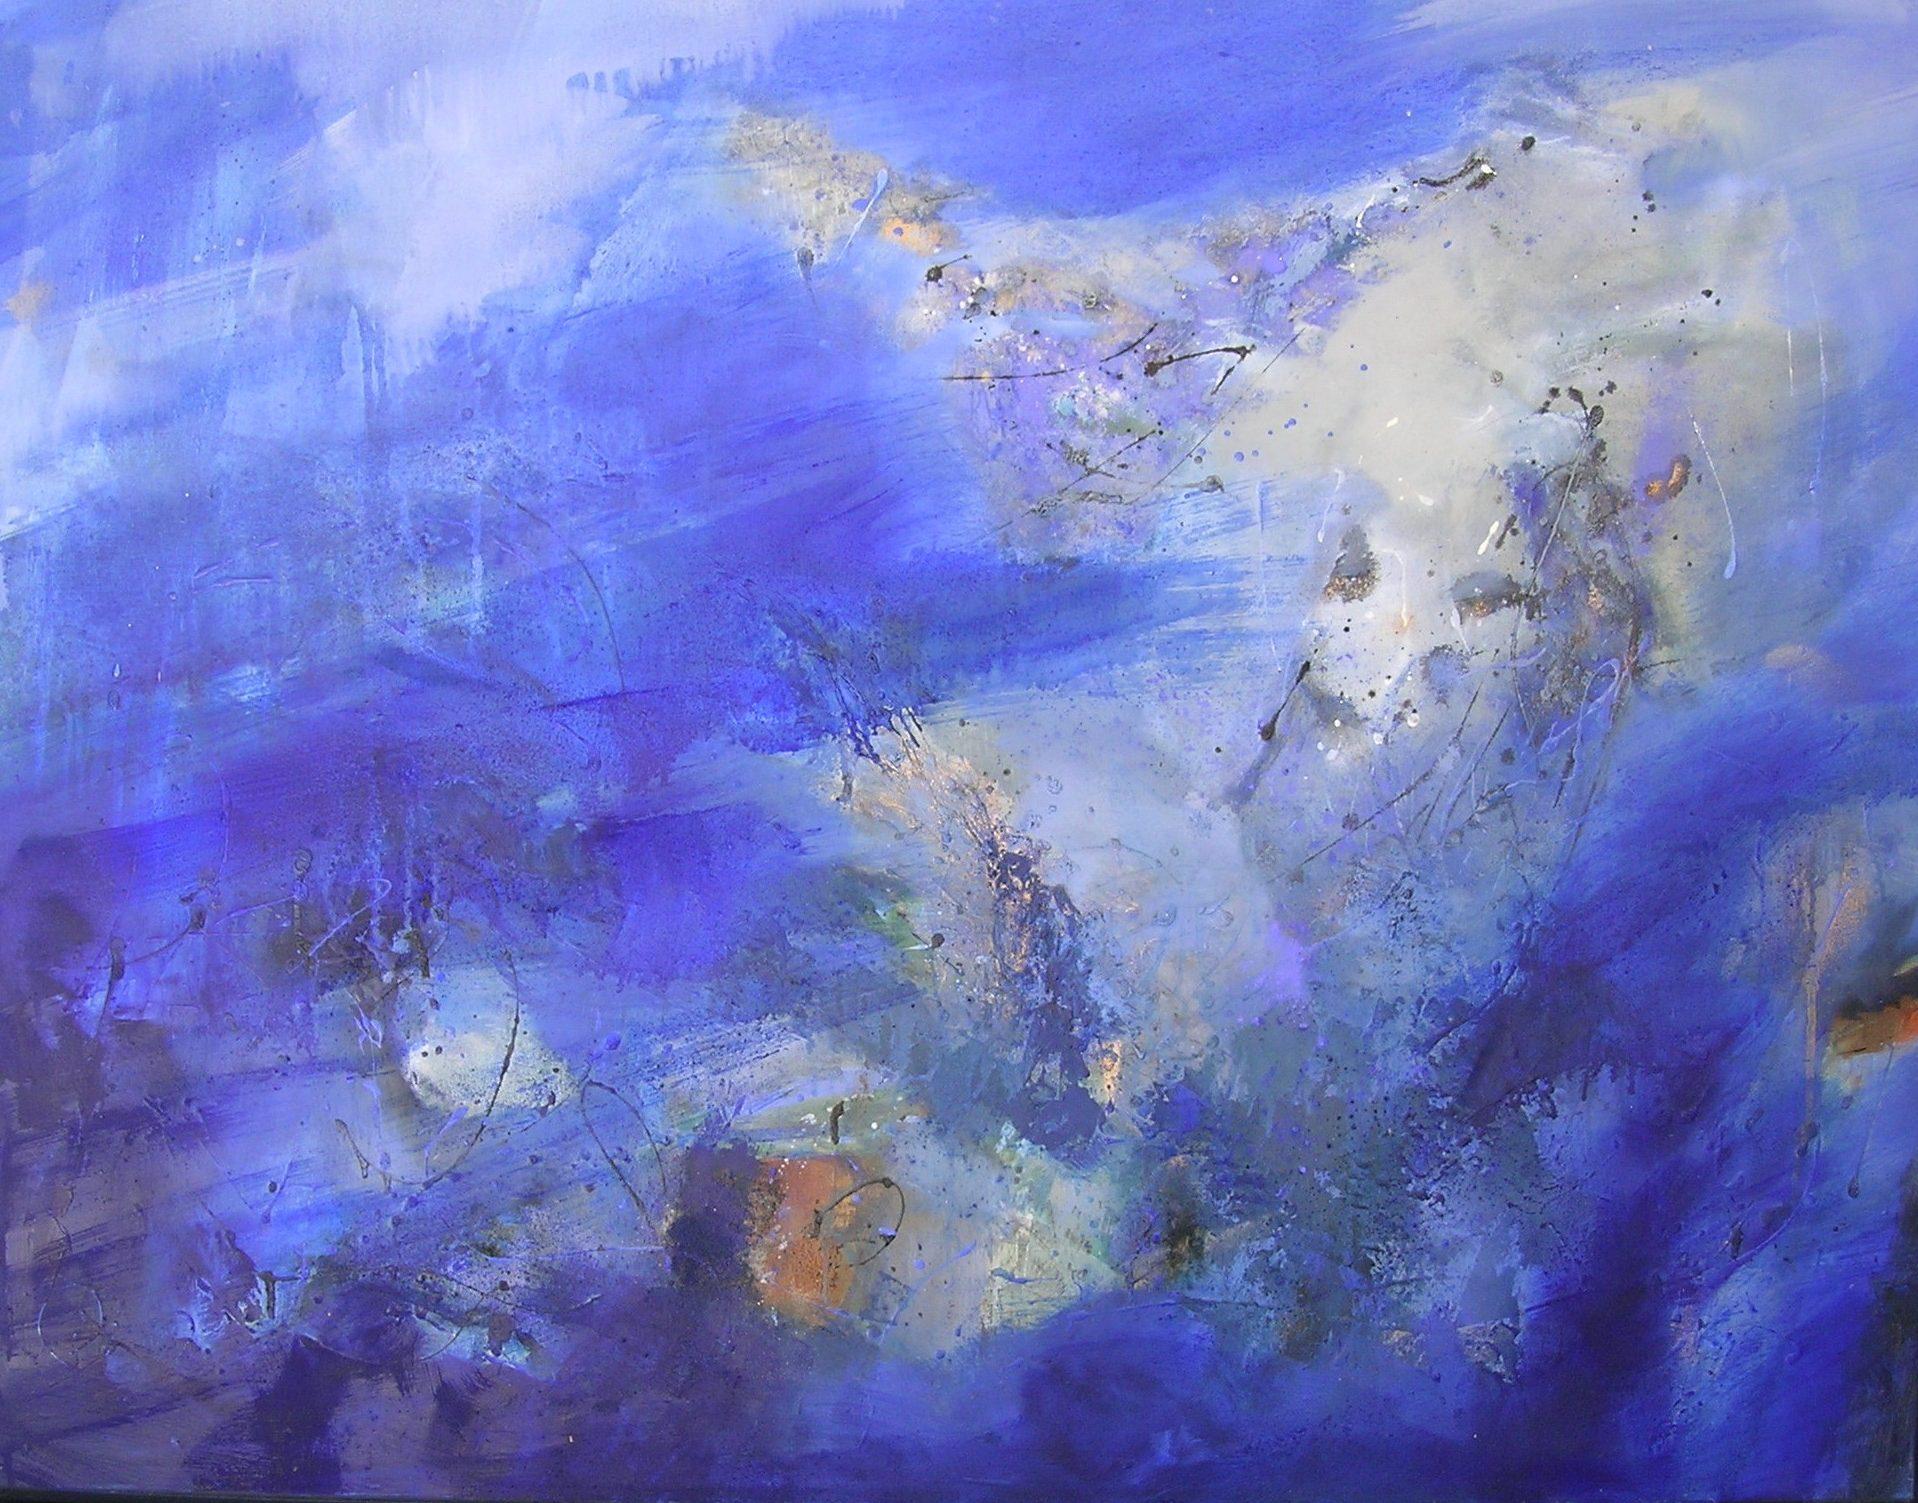 Lame de fond huile sur toile 89 x 116 cm collection particulière